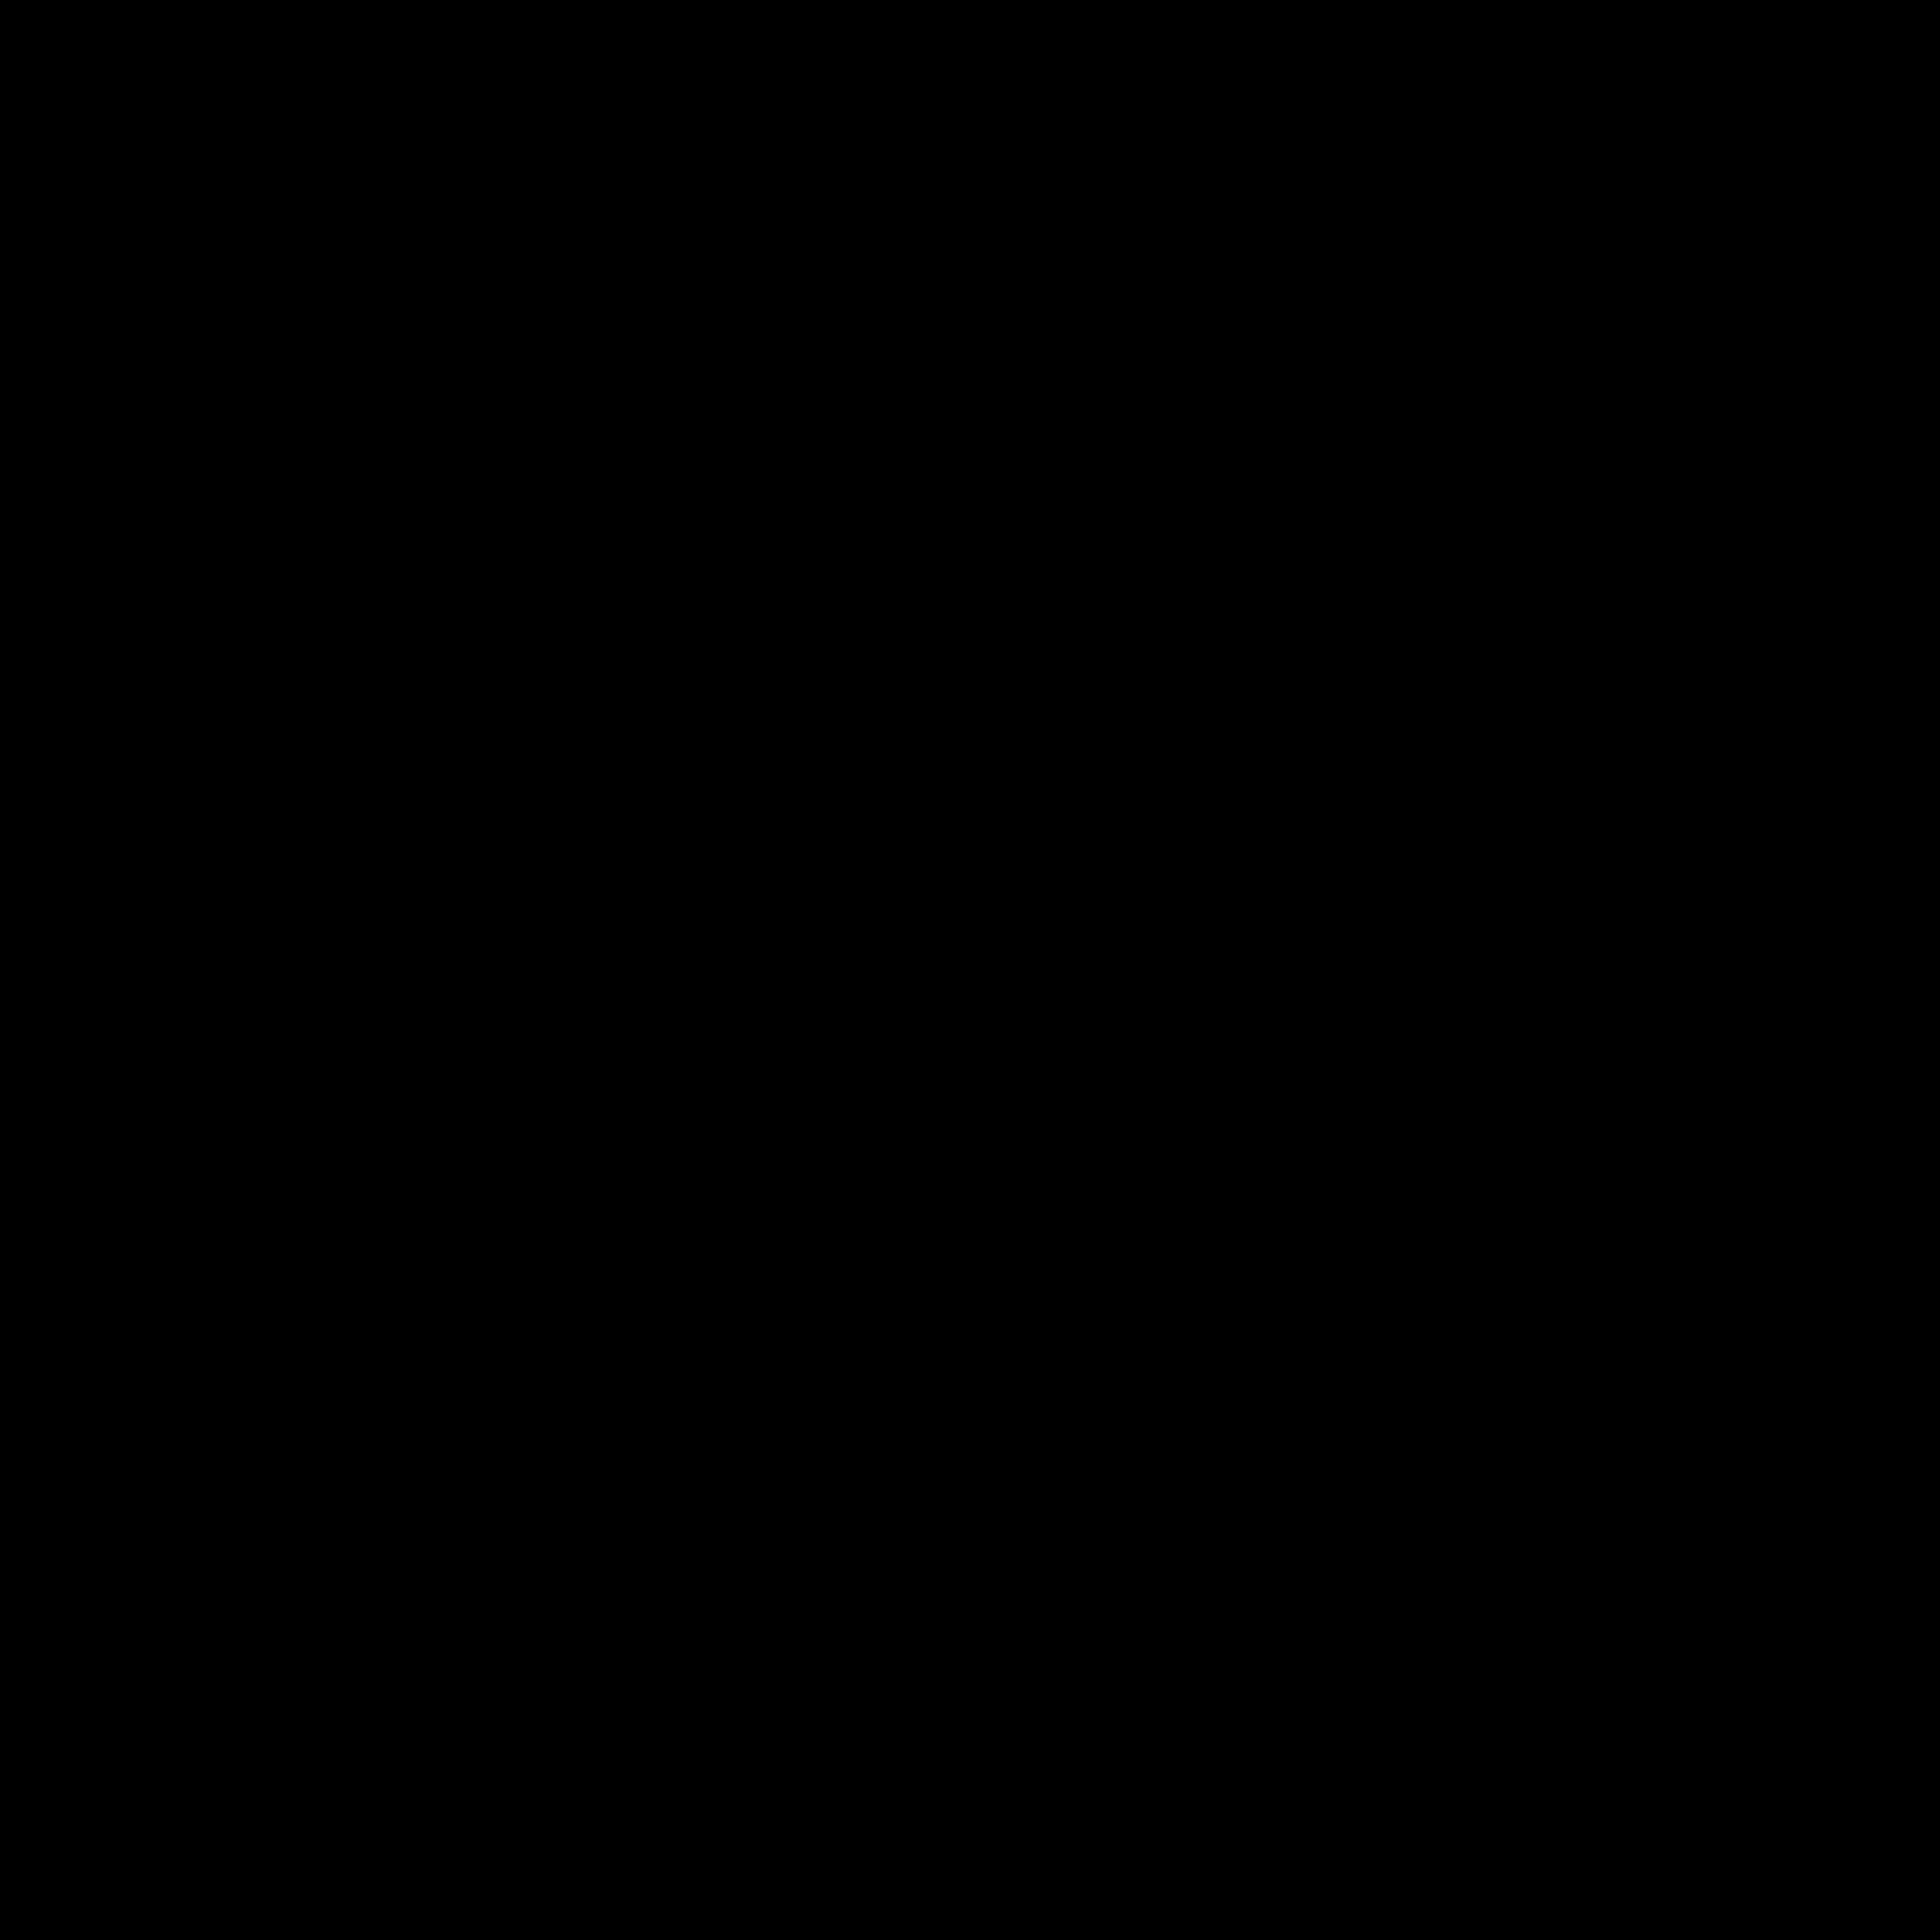 LUX Logo PNG Transparent & SVG Vector.